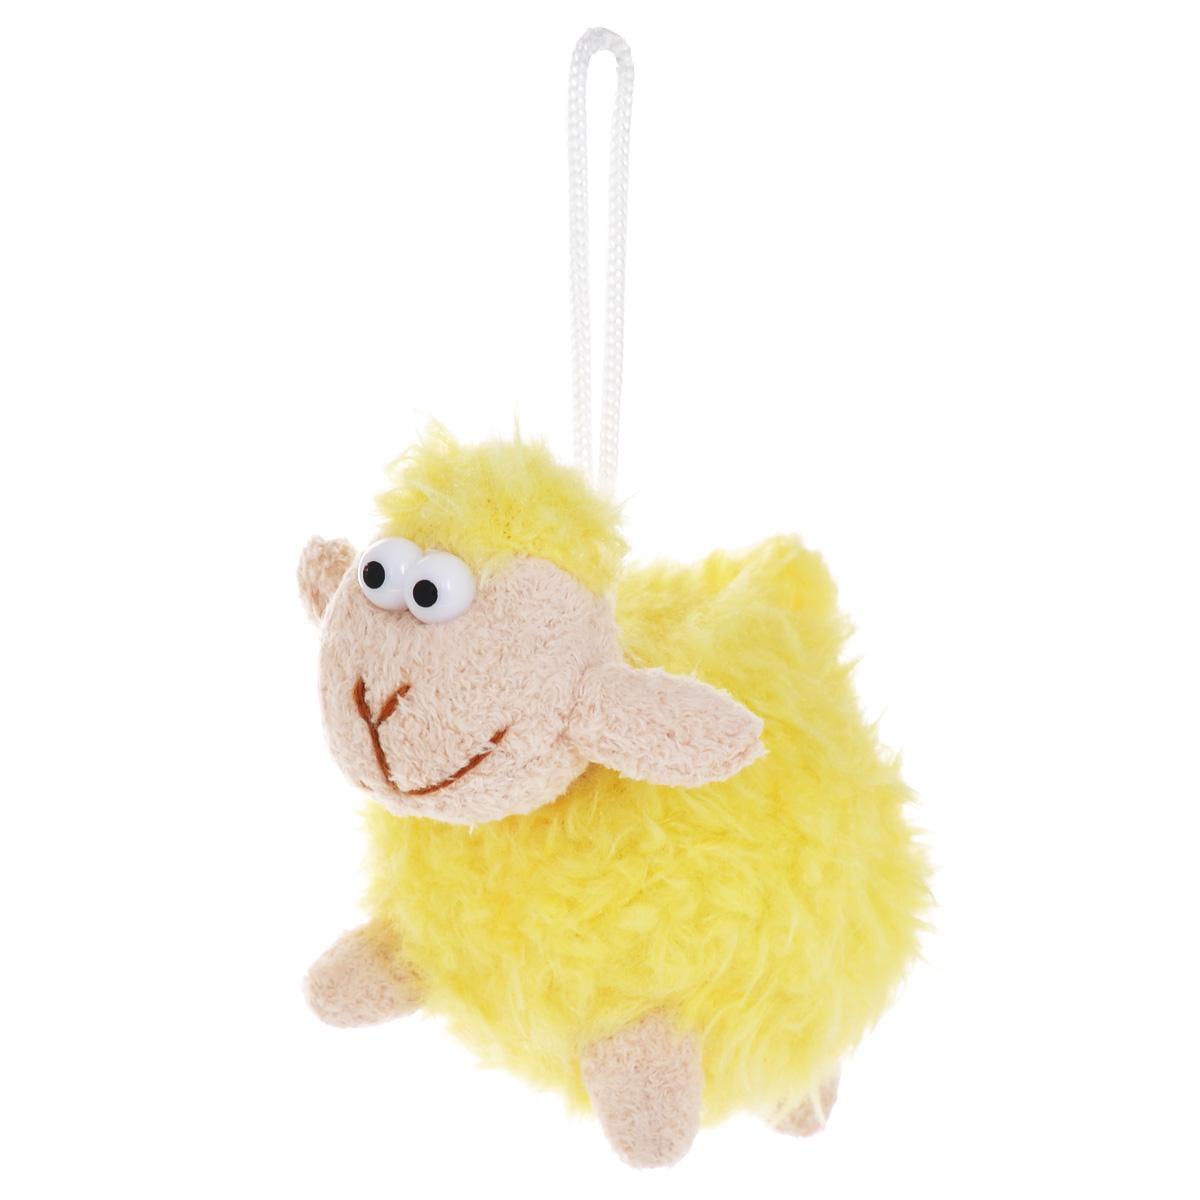 Мягкая игрушка-подвеска Sima-land Овечка, цвет: желтый, 8 см. 332801ЕХ 10996Очаровательная мягкая игрушка-подвеска Sima-land Овечка не оставит вас равнодушным и вызовет улыбку у каждого, кто ее увидит. Игрушка выполнена из искусственного меха и текстиля в виде забавной овечки с выпуклыми глазами. К игрушке прикреплена текстильная петелька для подвешивания. Мягкая и приятная на ощупь игрушка станет замечательным подарком, который вызовет массу положительных эмоций.Размер игрушки: 115 мм х 70 мм х 80 мм.